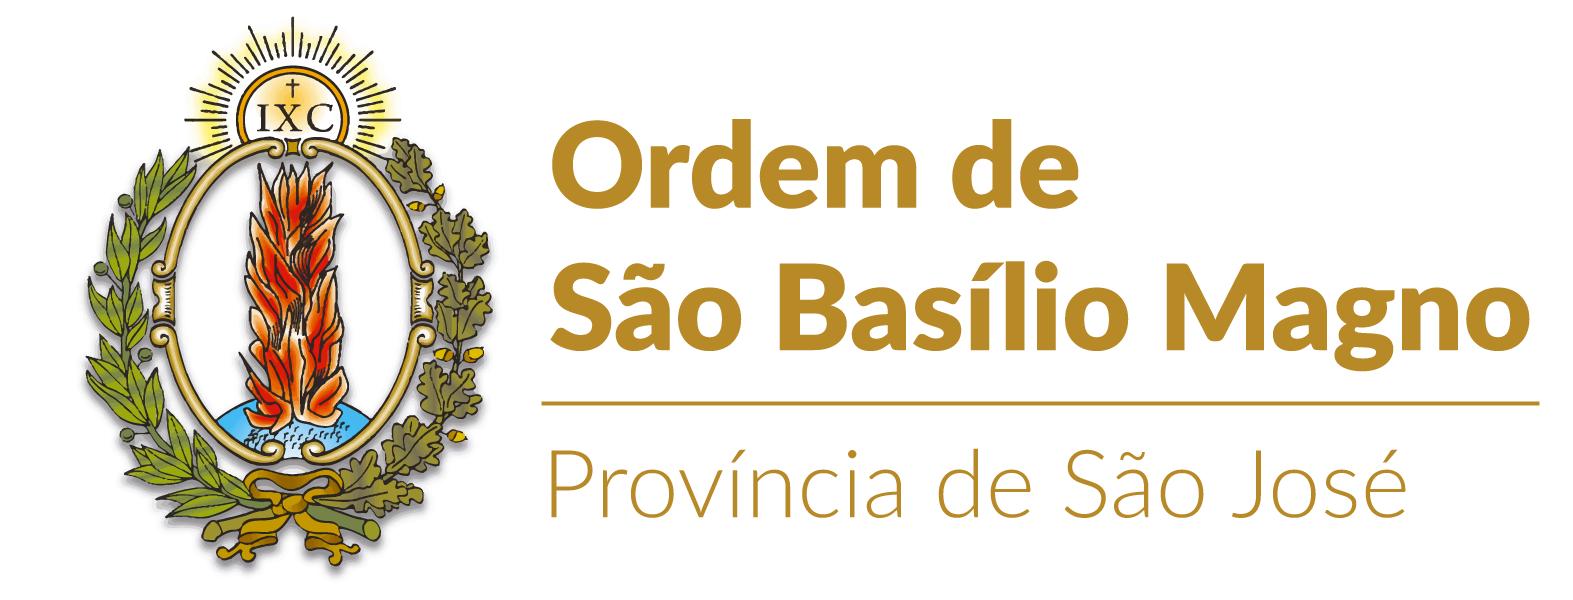 Ordem de São Basílio Magno